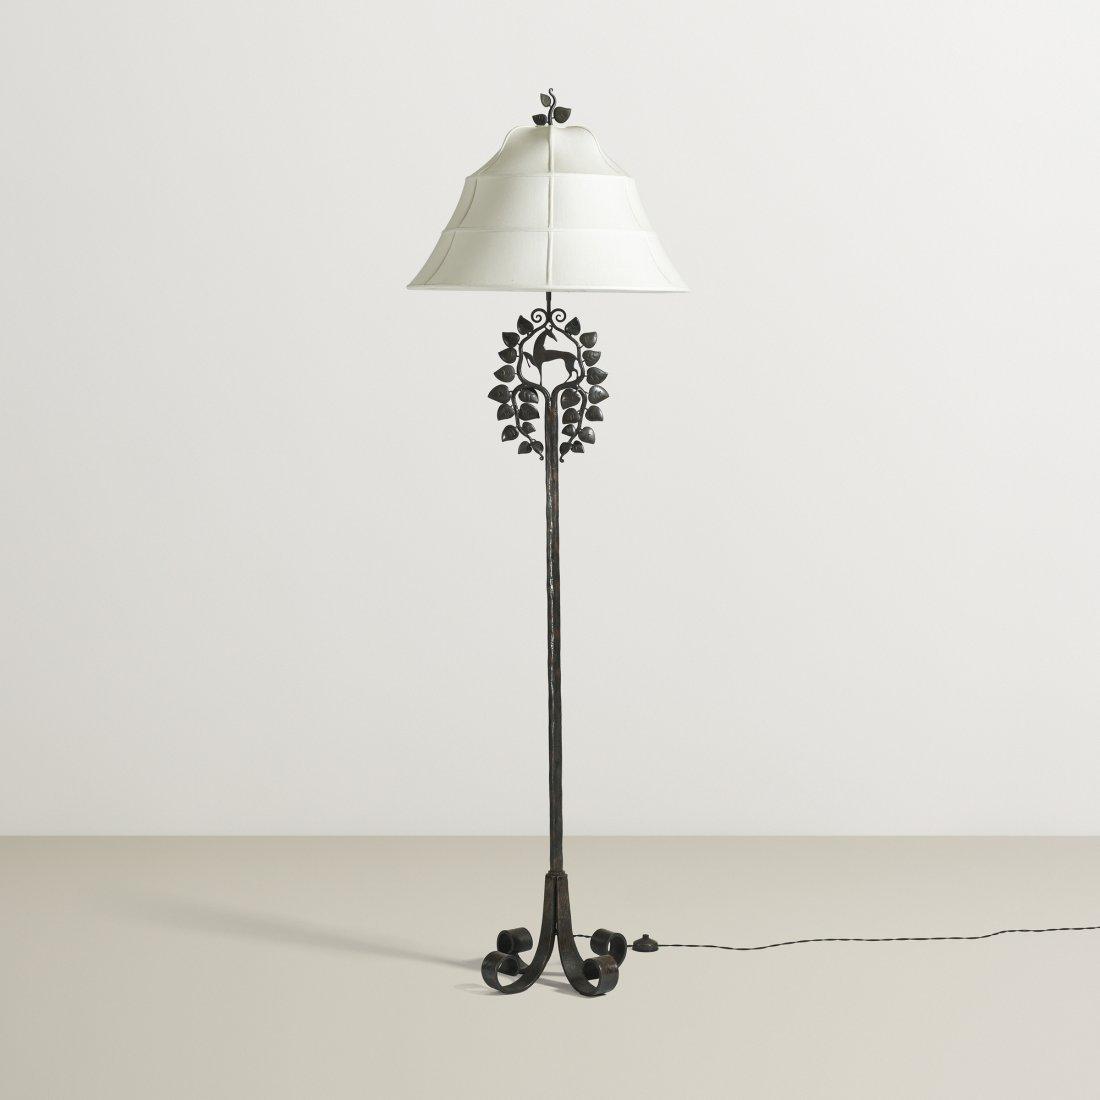 Edgar Brandt floor lamp